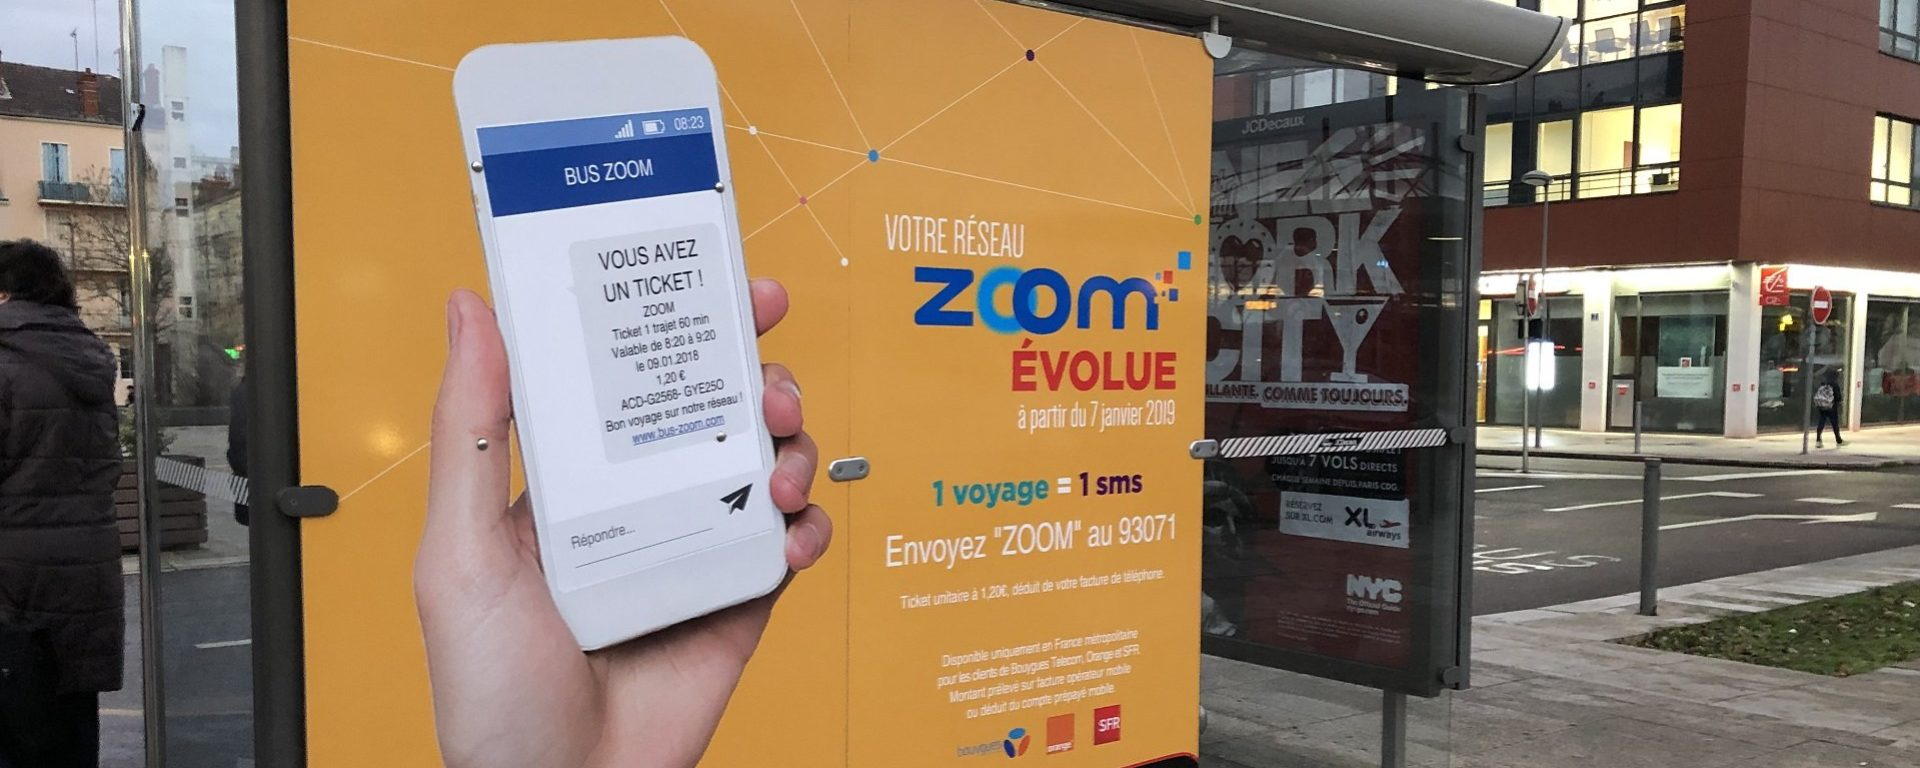 zoom Châlon réseau transport bus ticket sms Transdev